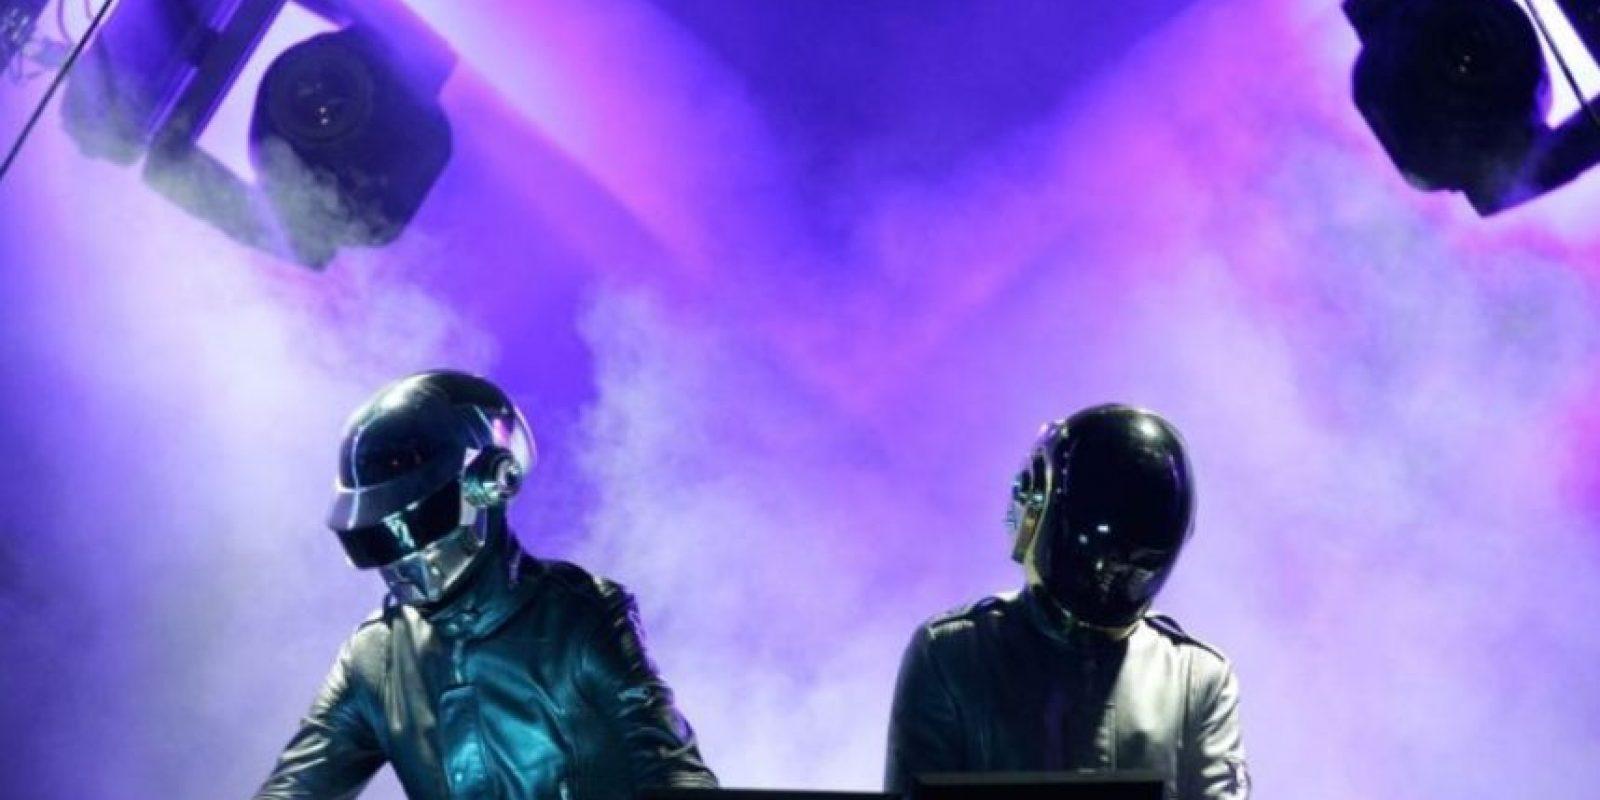 La canción más escuchada durante 24 horas seguidas es Get Lucky de Daft Punk, con un millón y medio de reproducciones. Foto:Getty Images